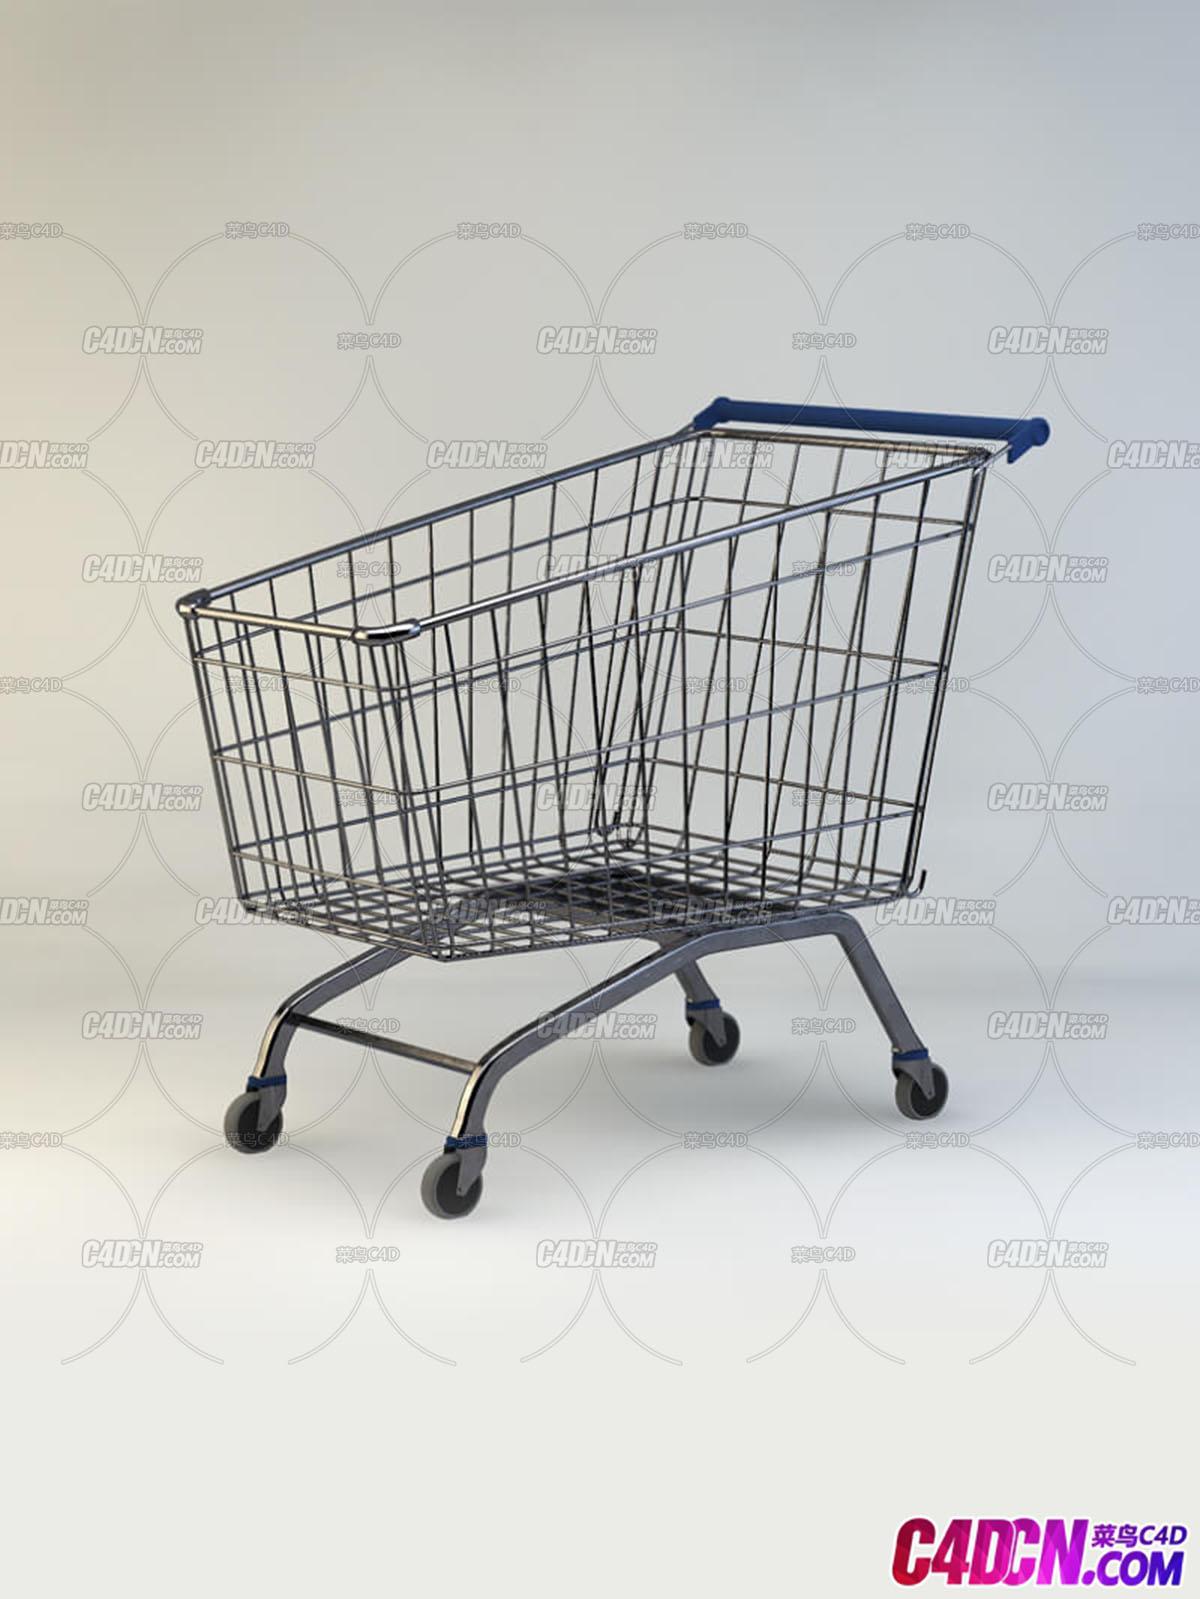 商场超市购物车C4D模型